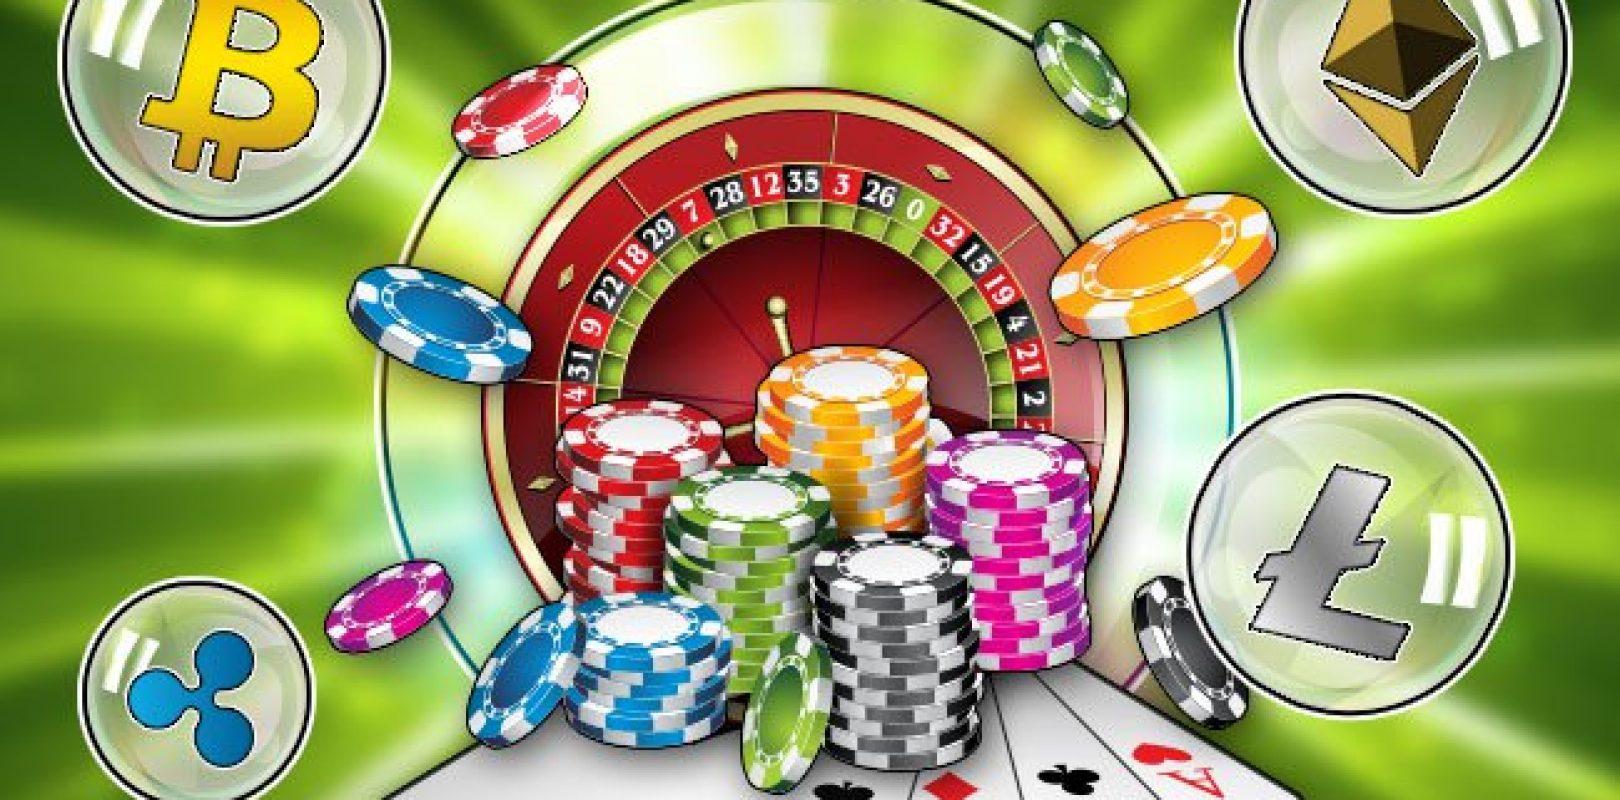 Onde jogar poker em campinas